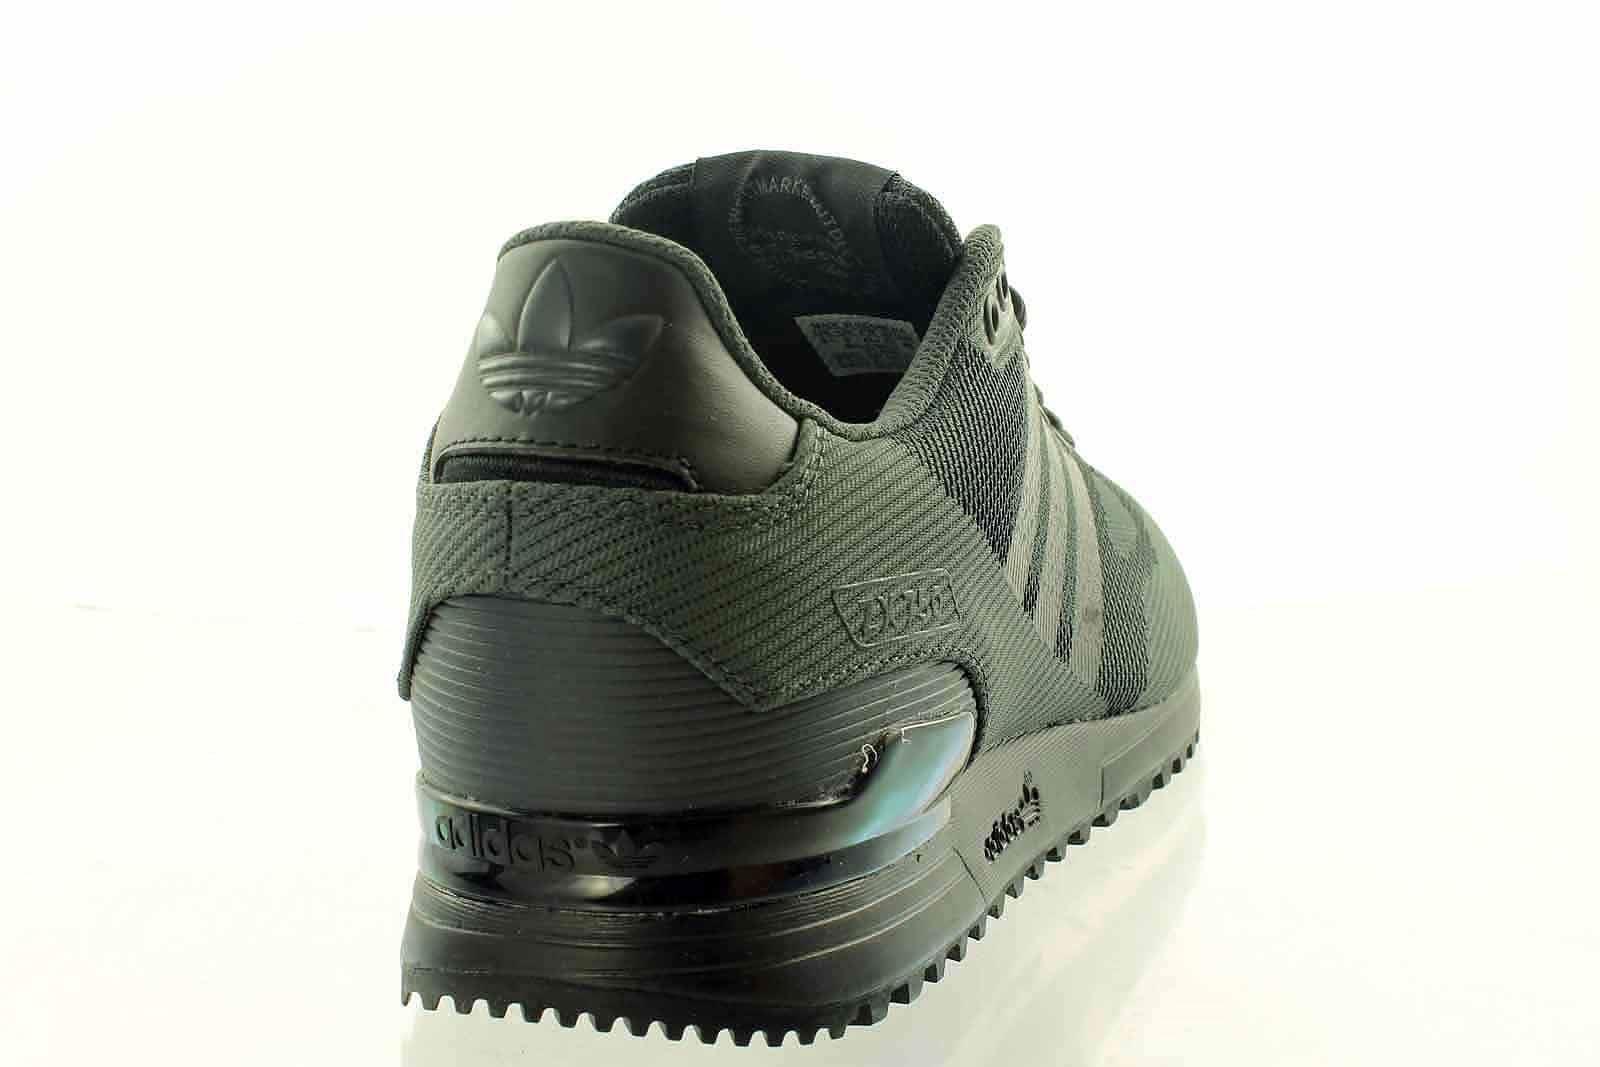 Adidas ZX 750 Zapatillas para hombre ~ Originals ~ sólo Reino Unido ... 2d85beb6dd7